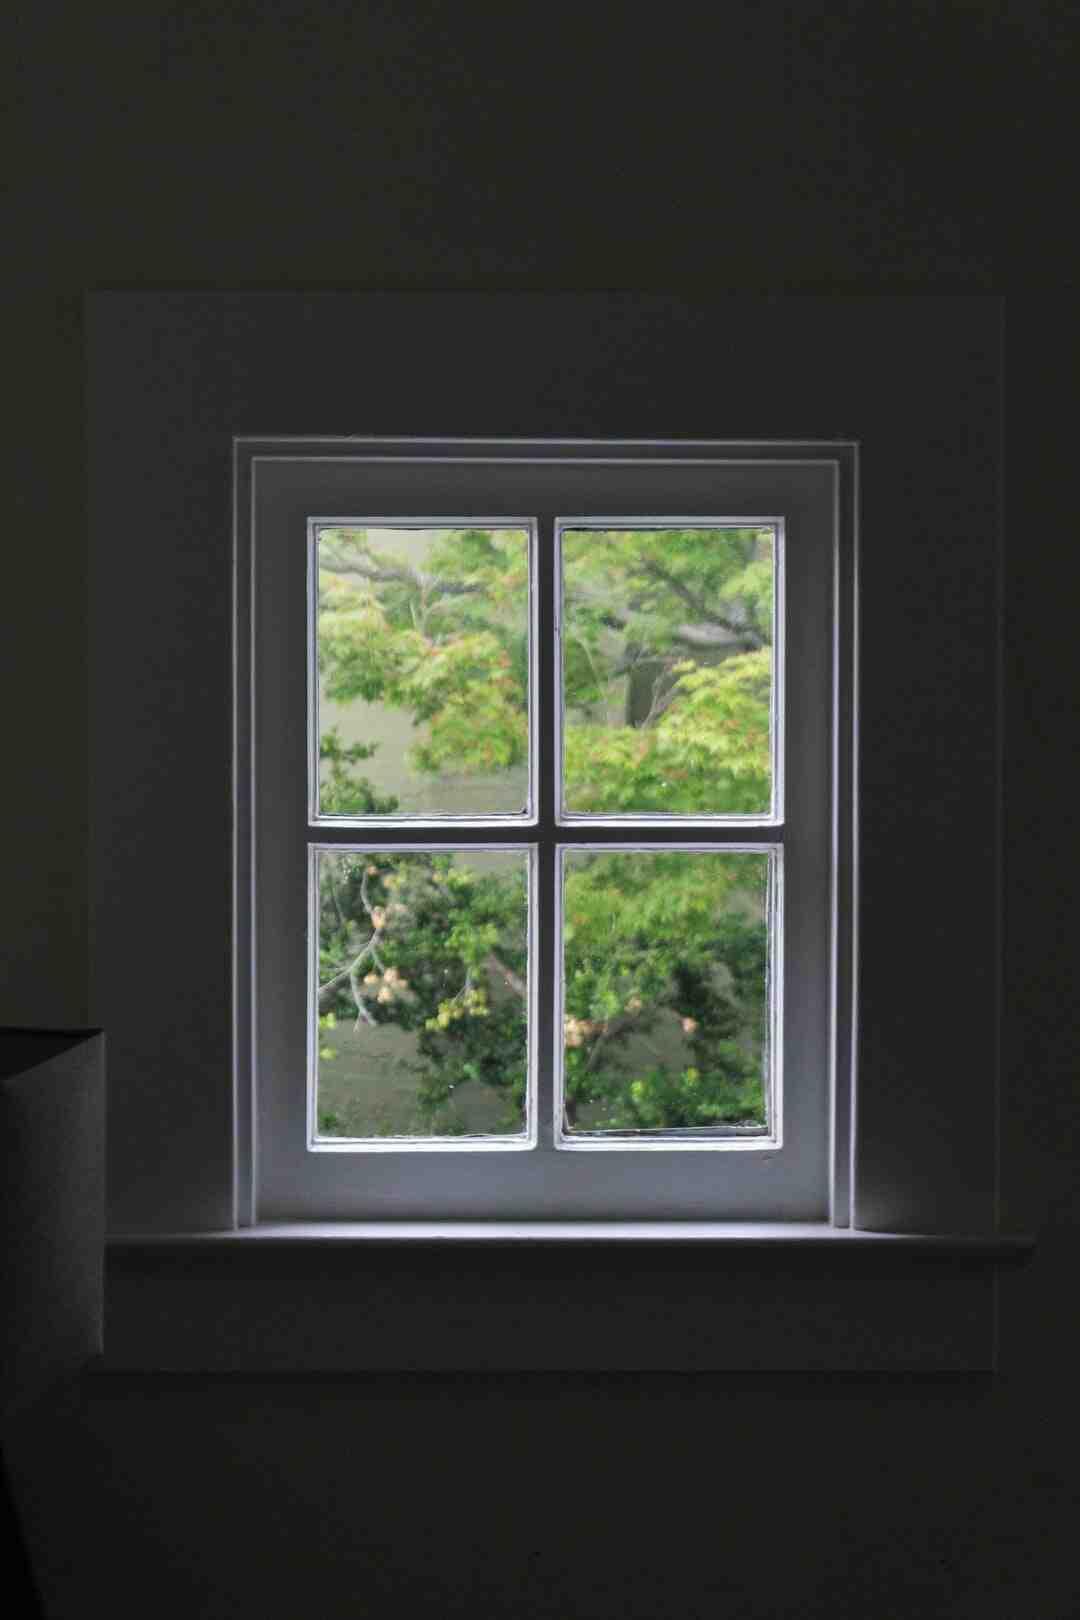 Comment pour windows